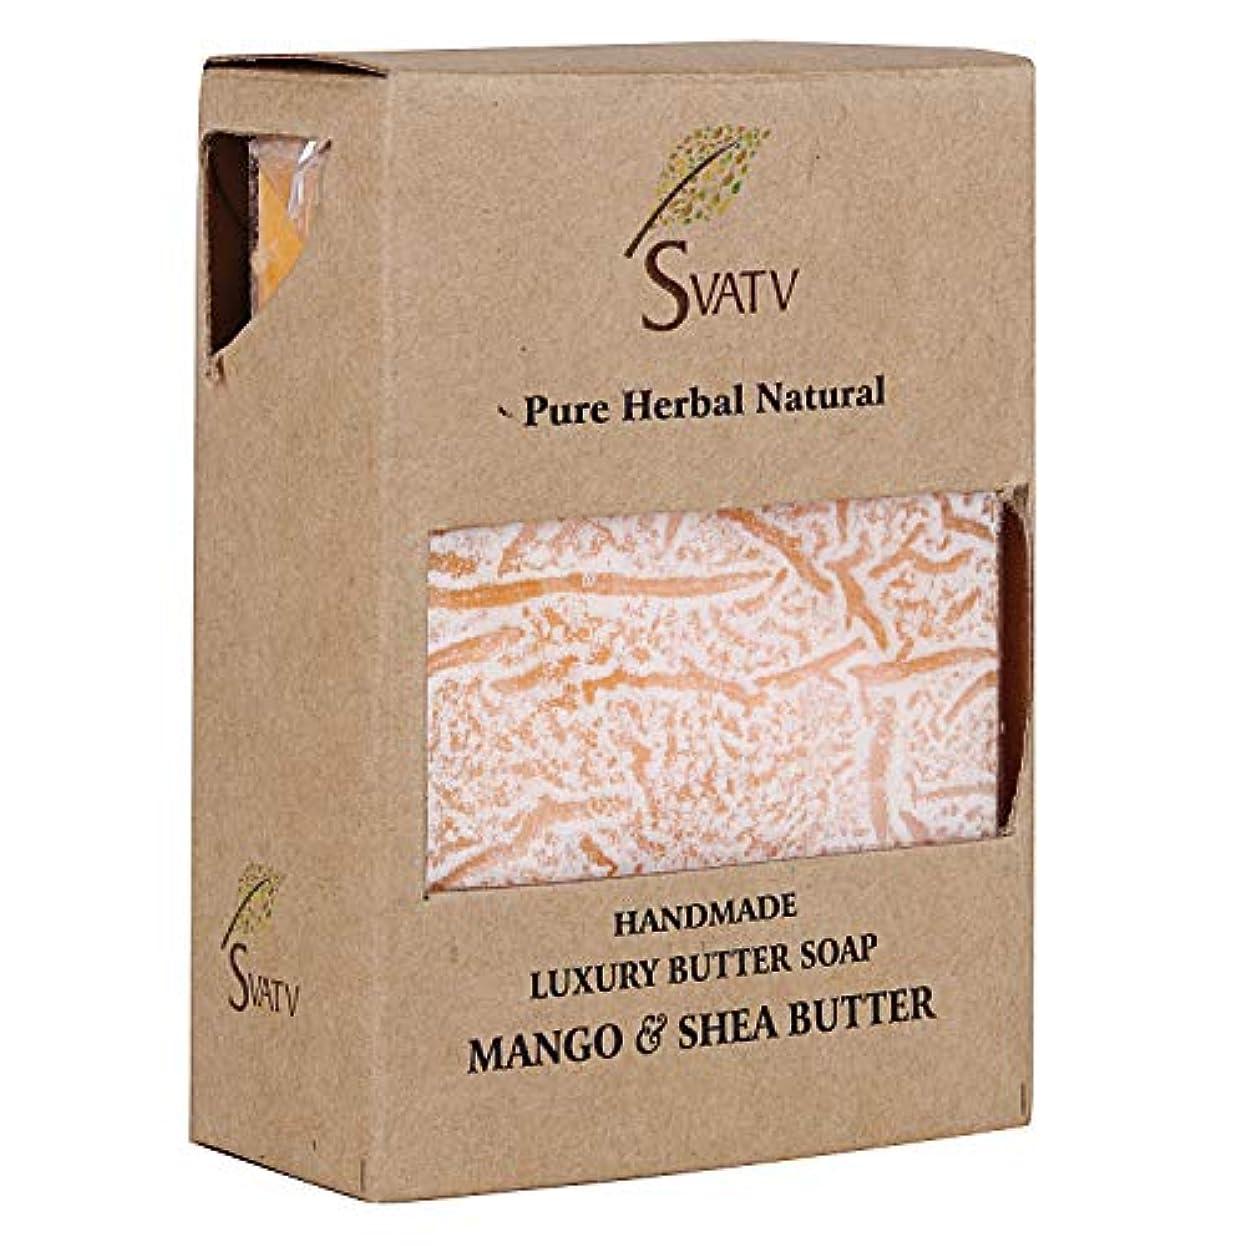 用心リスト酸度SVATV Handmade Luxury Butter Soap Mango & Shea Butter For All Skin types 100g Bar